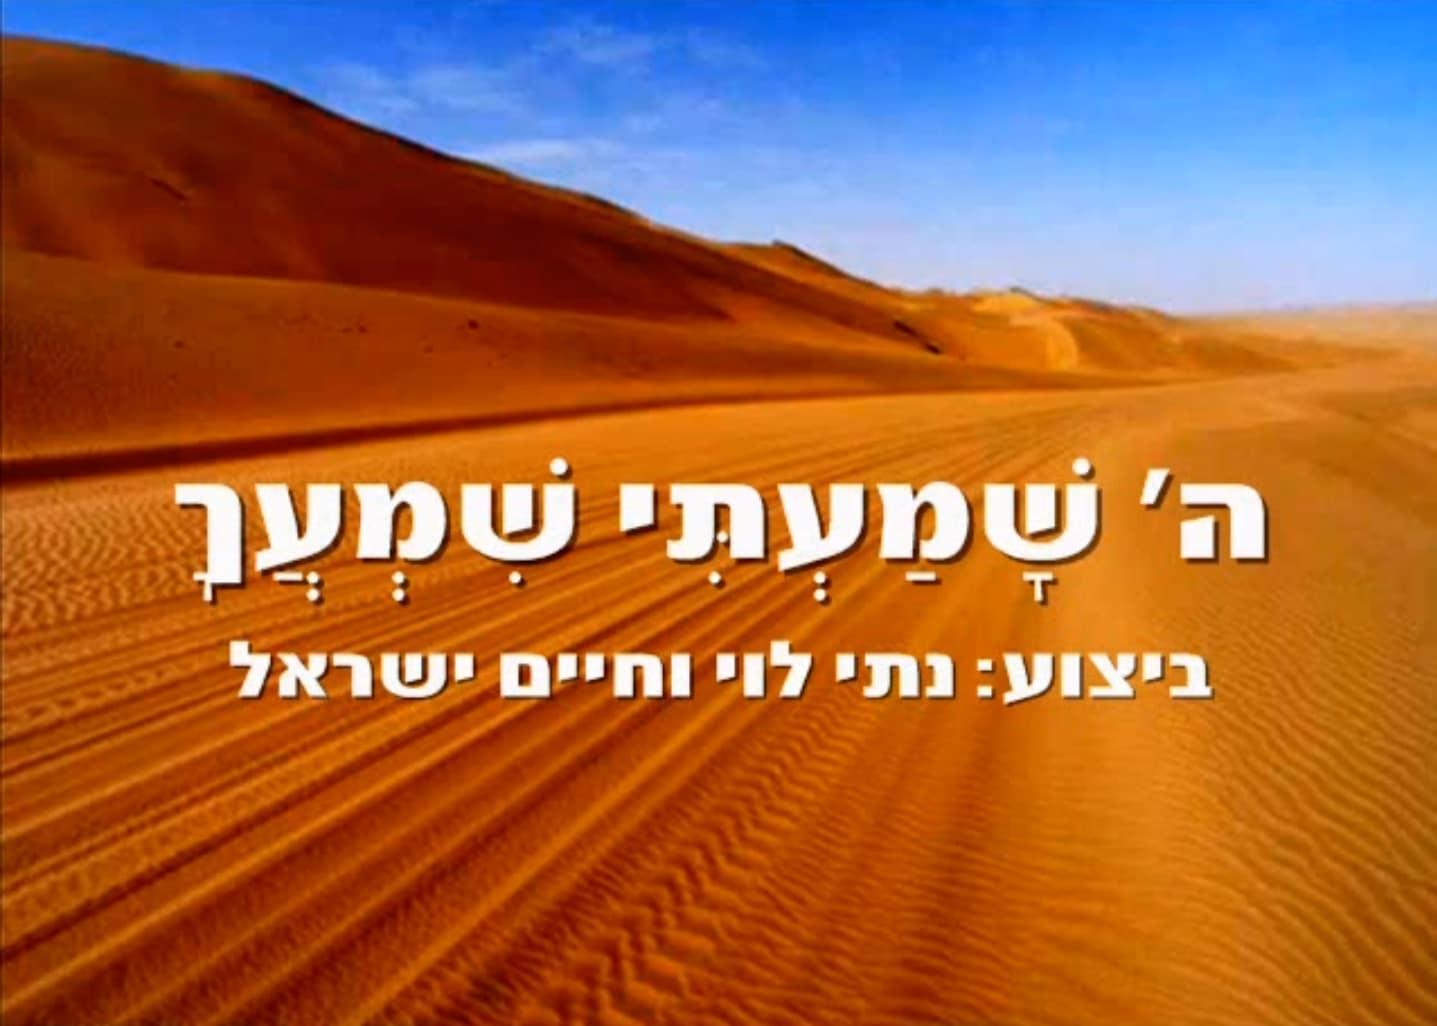 ה' שמעתי שמעך – נתי לוי וחיים ישראל (עם מילים)